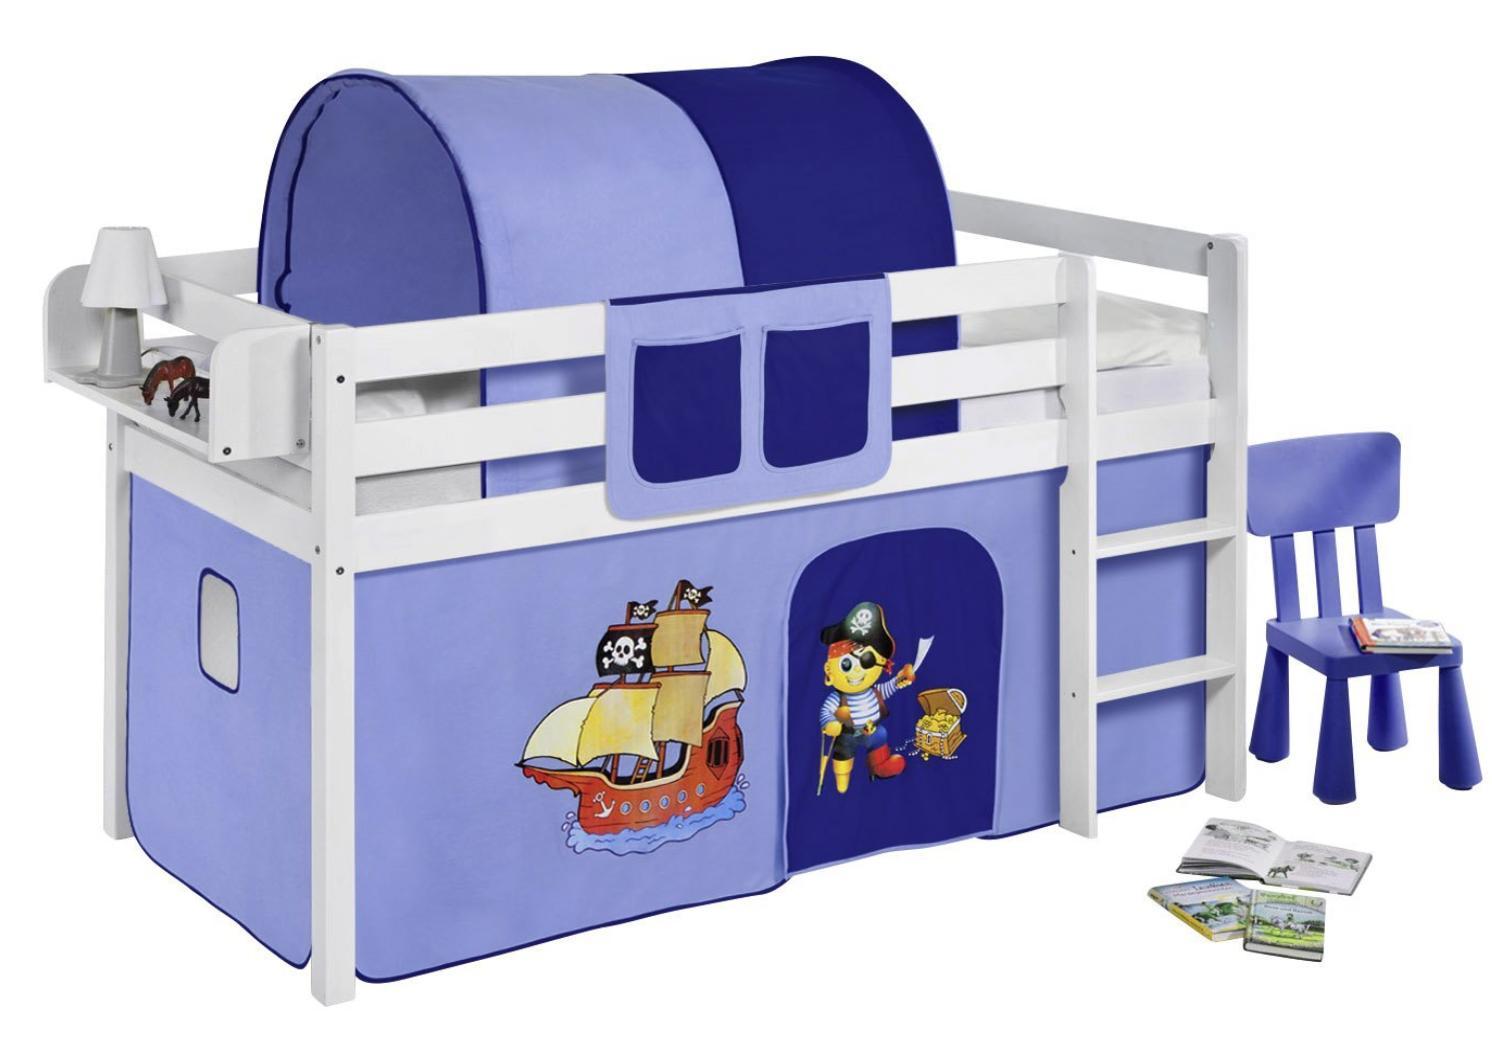 lit sur lev blanc laqu rideau pirate bleu fonc 90x190cm. Black Bedroom Furniture Sets. Home Design Ideas